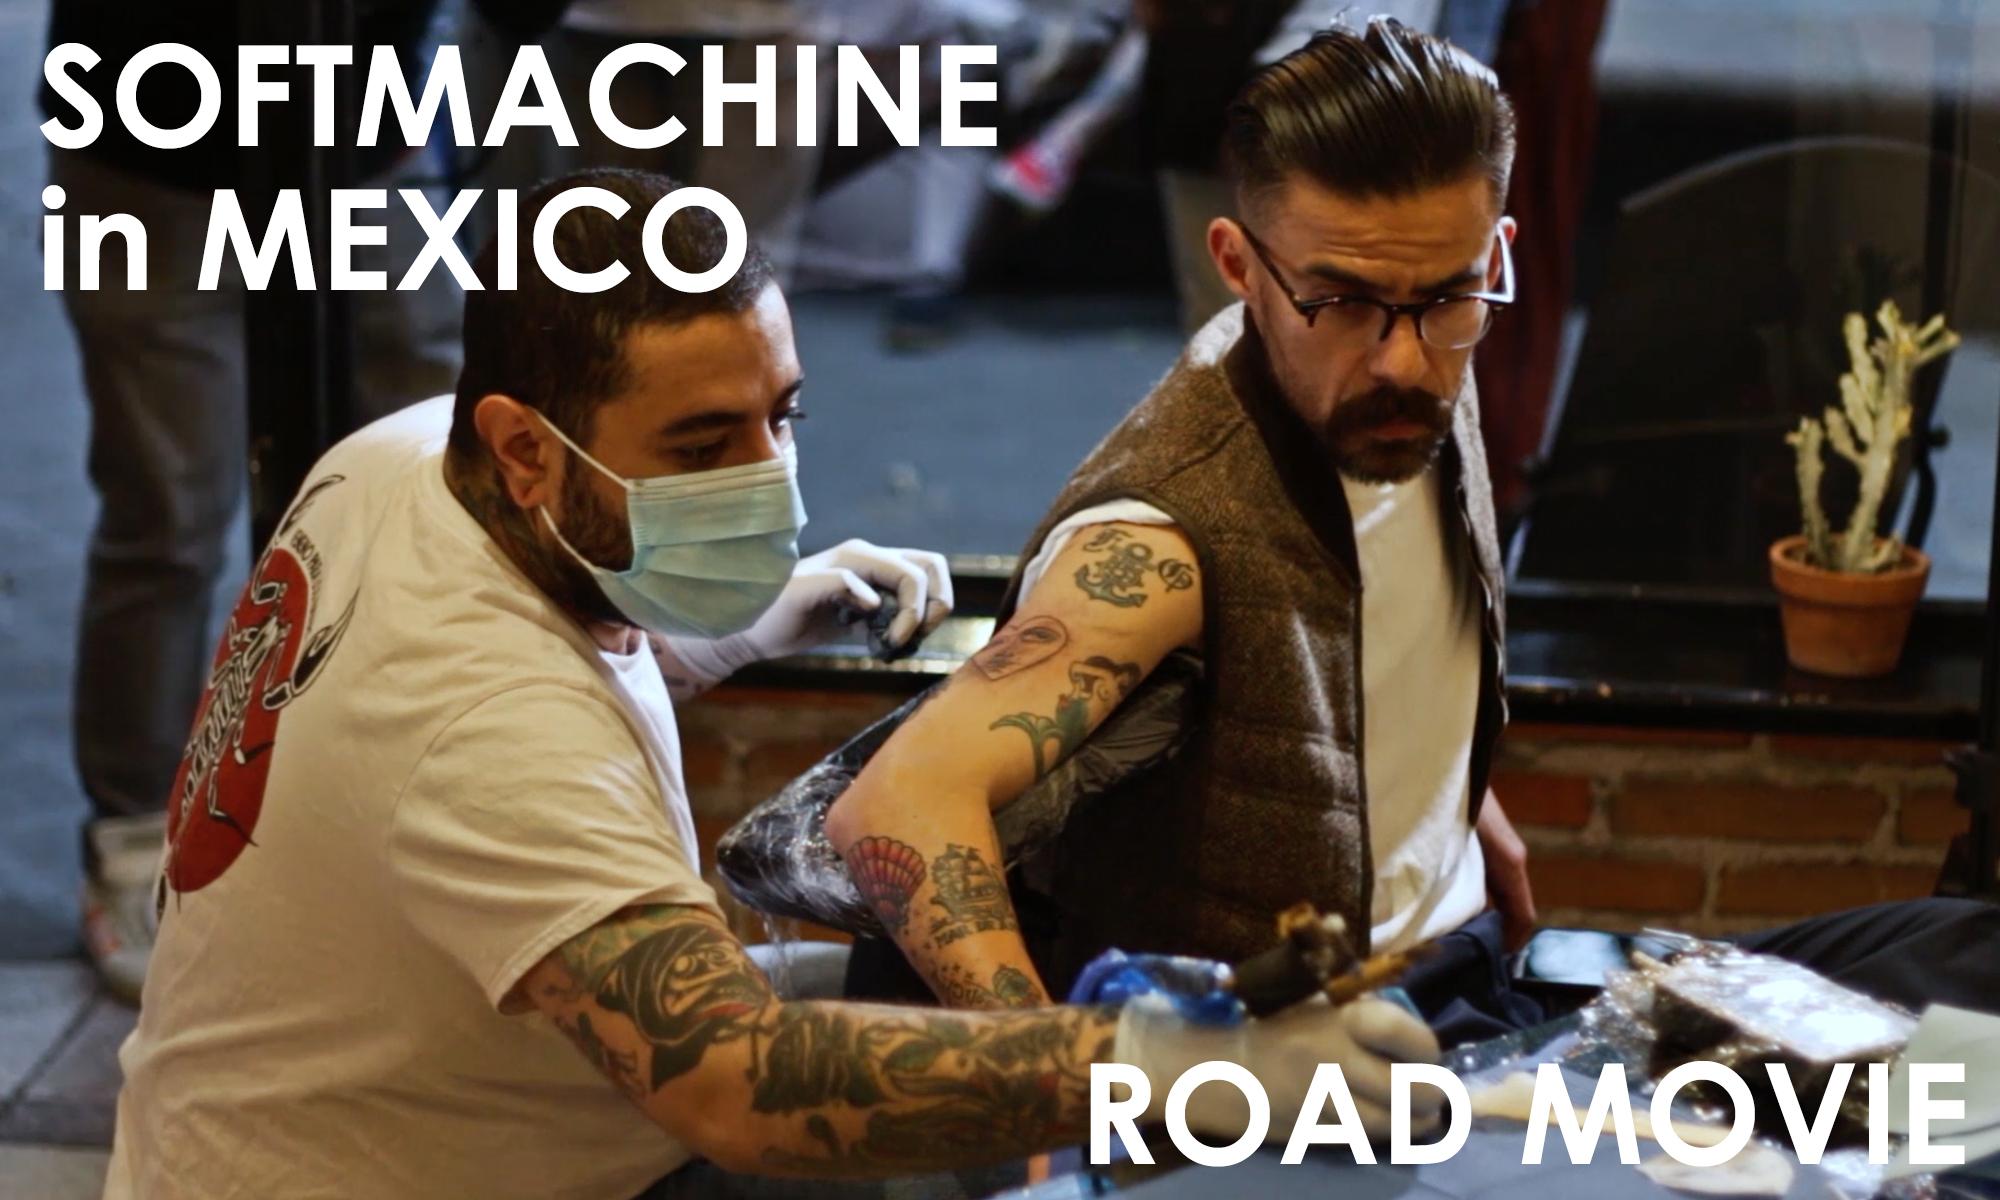 タトゥカルチャーを担うブランドのメキシコでのイベントムービーが到着! SOFTMACHINE in MEXICO